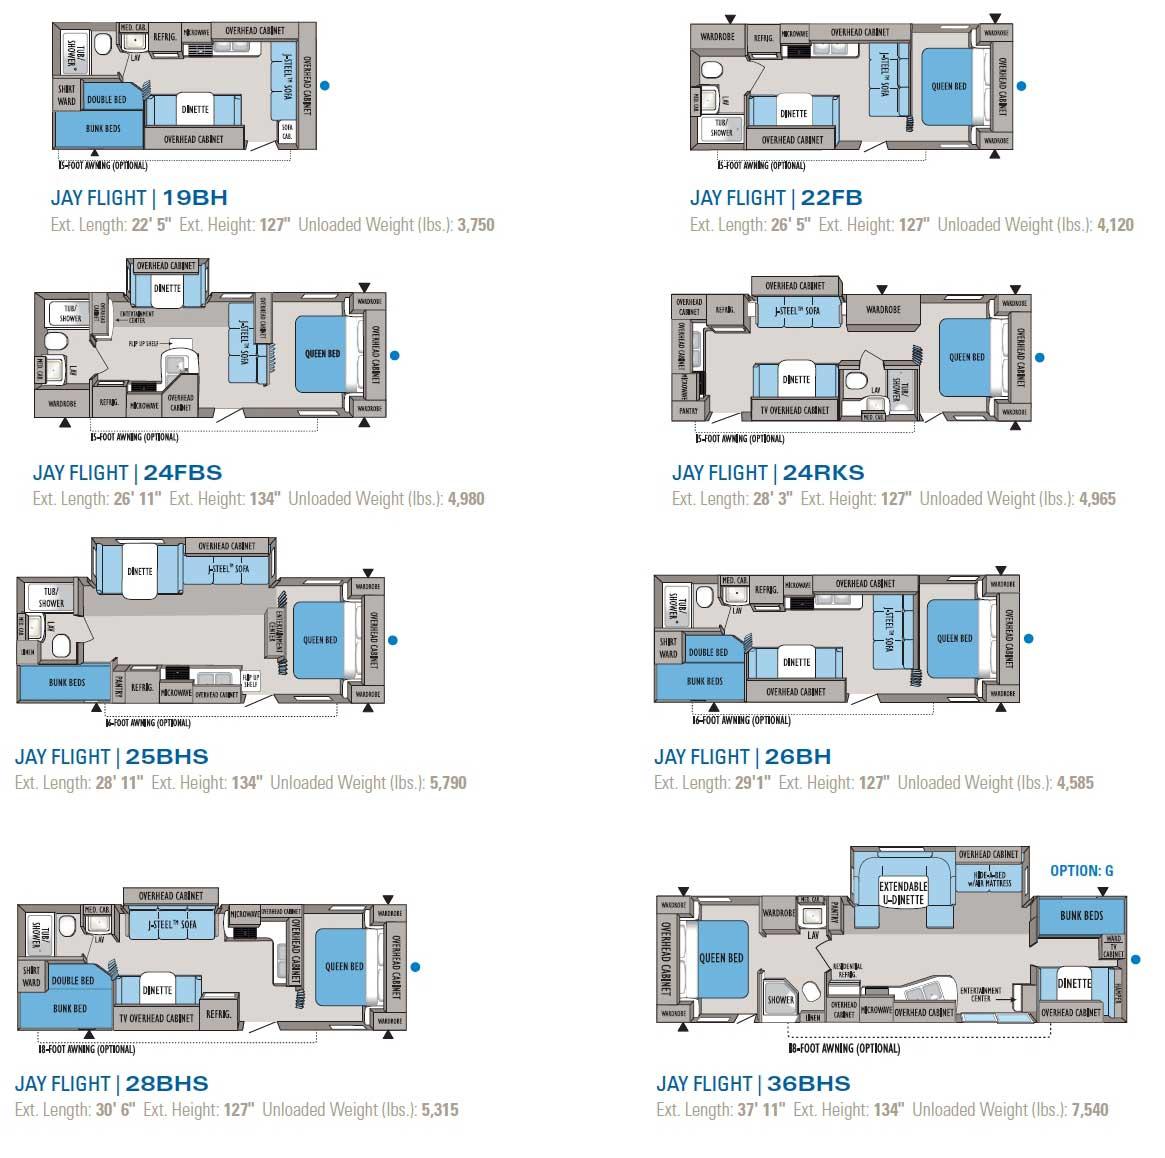 Rv Power Converter Wiring Schematic Electrical Diagram Travel Trailer On 30 Amp 2005 Komfort Data Diagrams Schematics